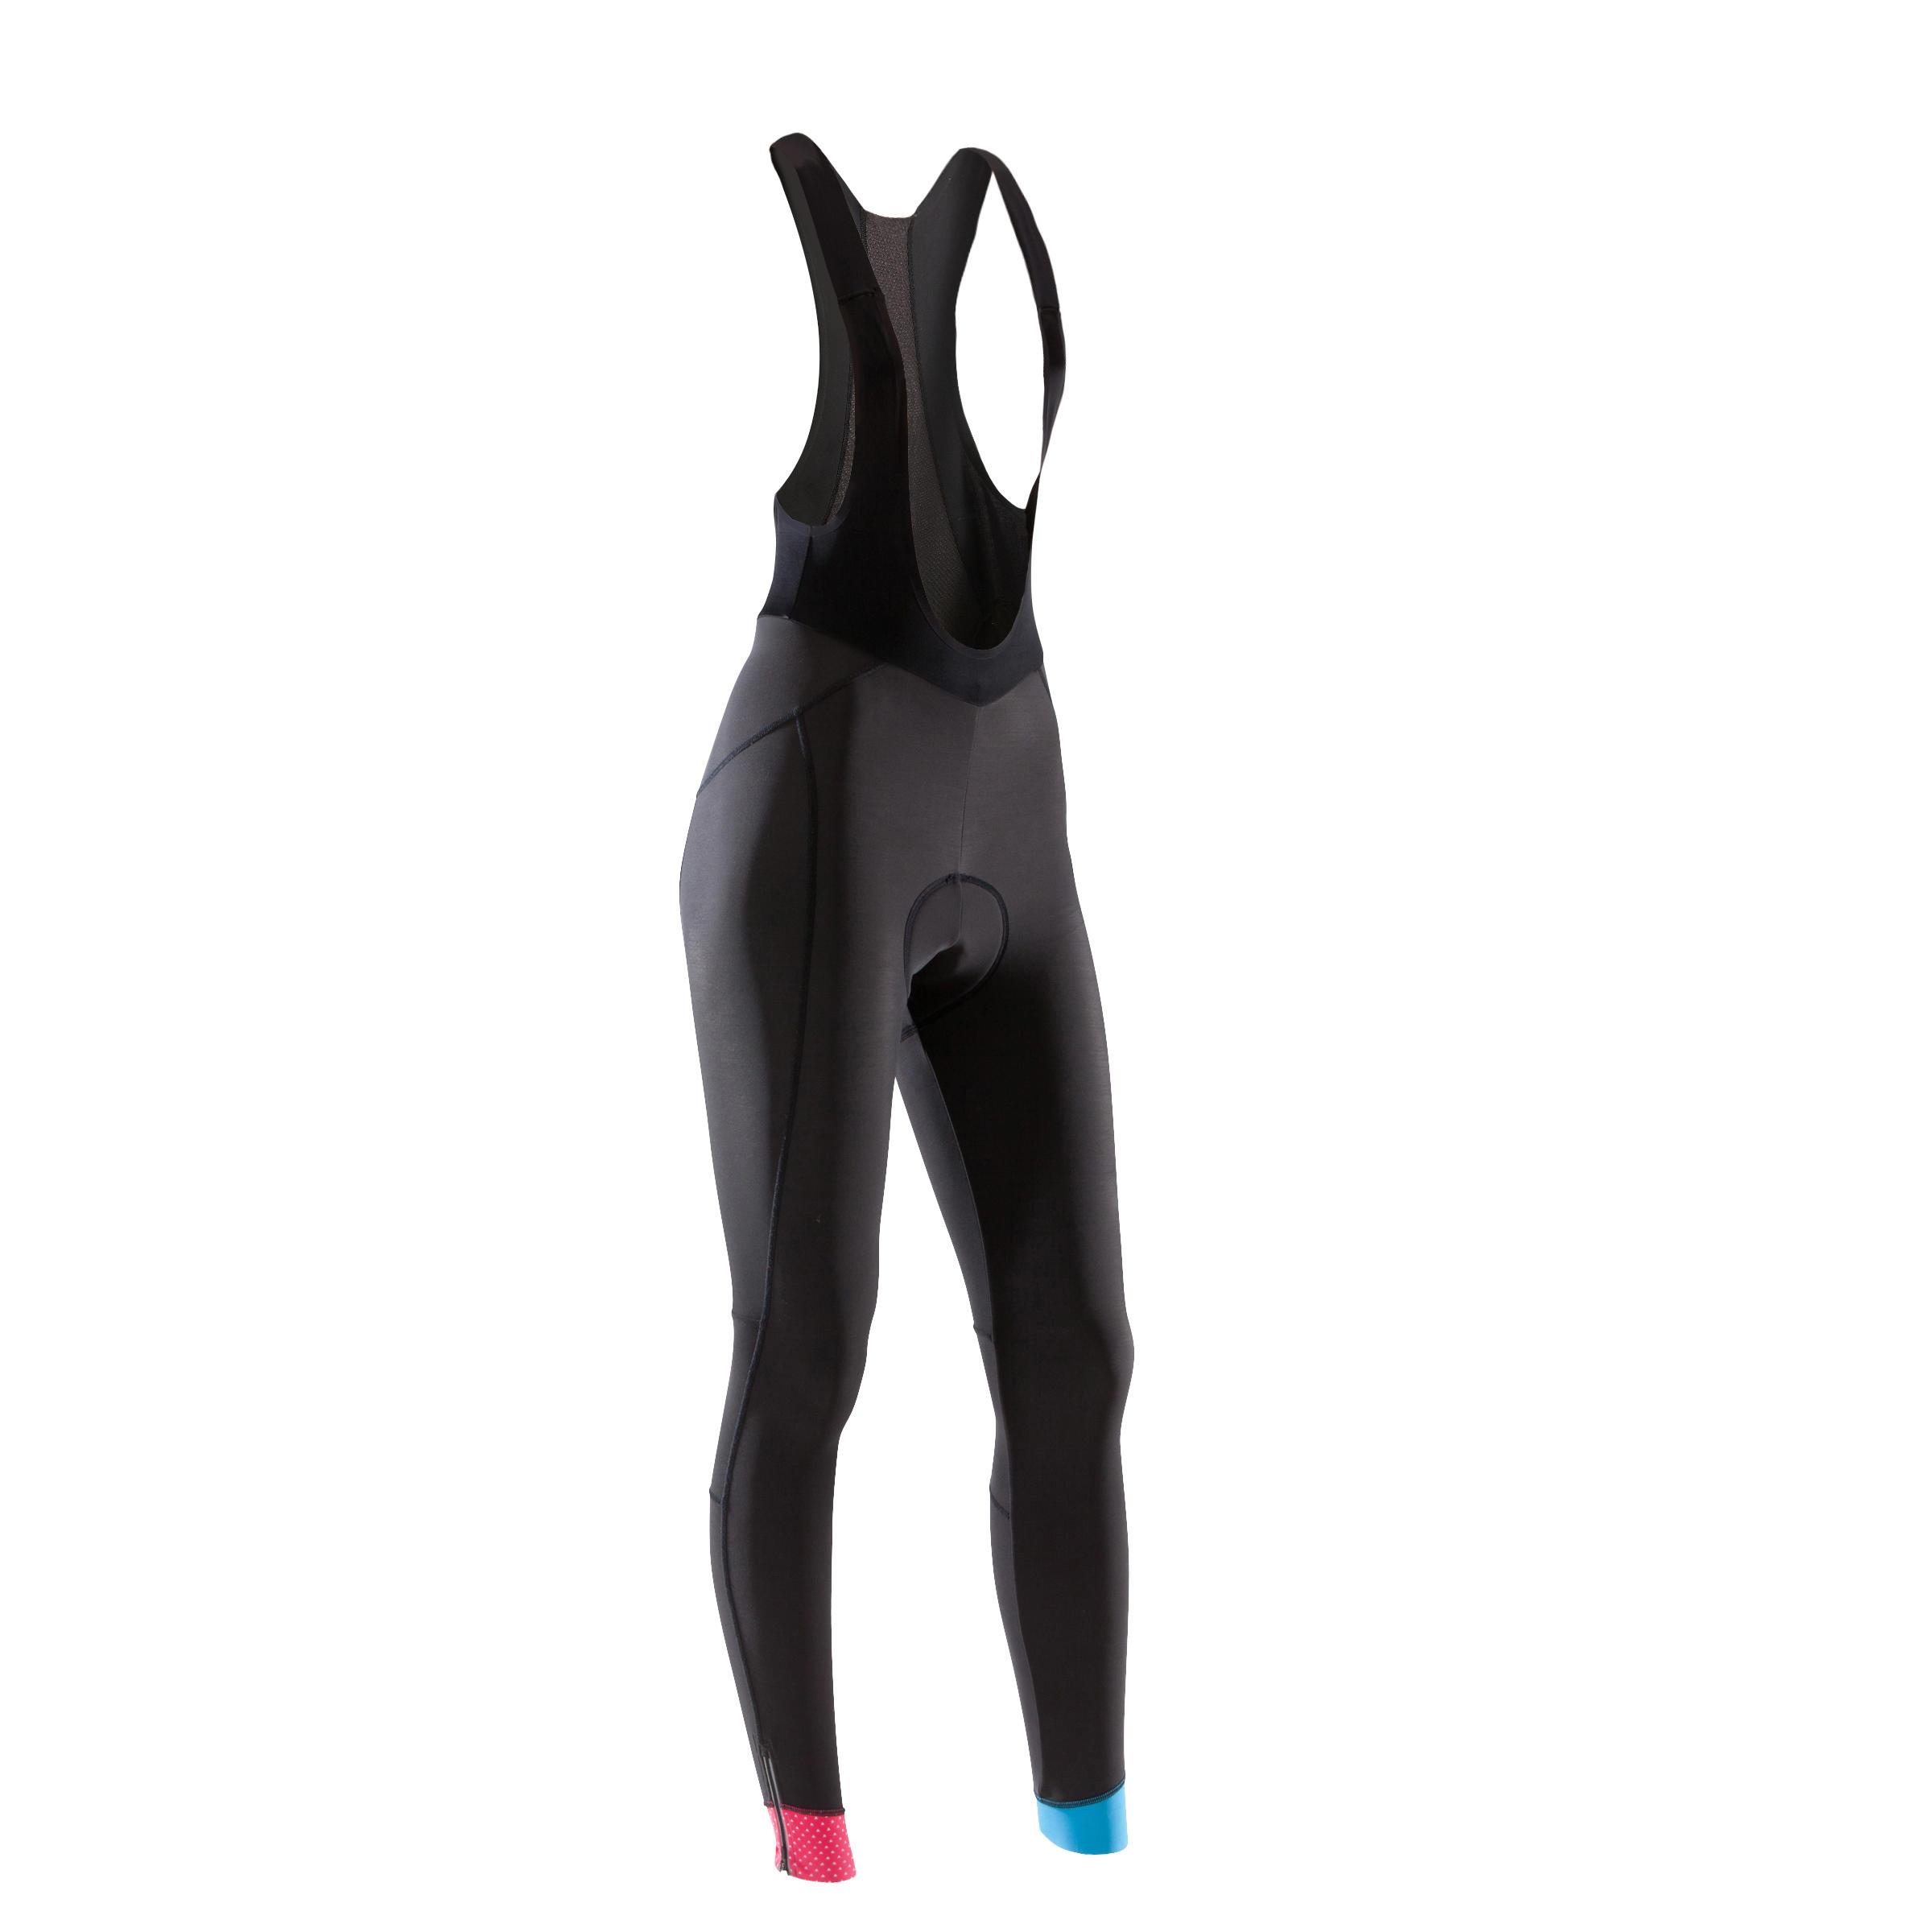 Lange Radhose mit Trägern 900 Damen schwarz | Sportbekleidung > Sporthosen > Fahrradhosen | Schwarz - Rot - Rosa - Blau - Türkis | B´twin